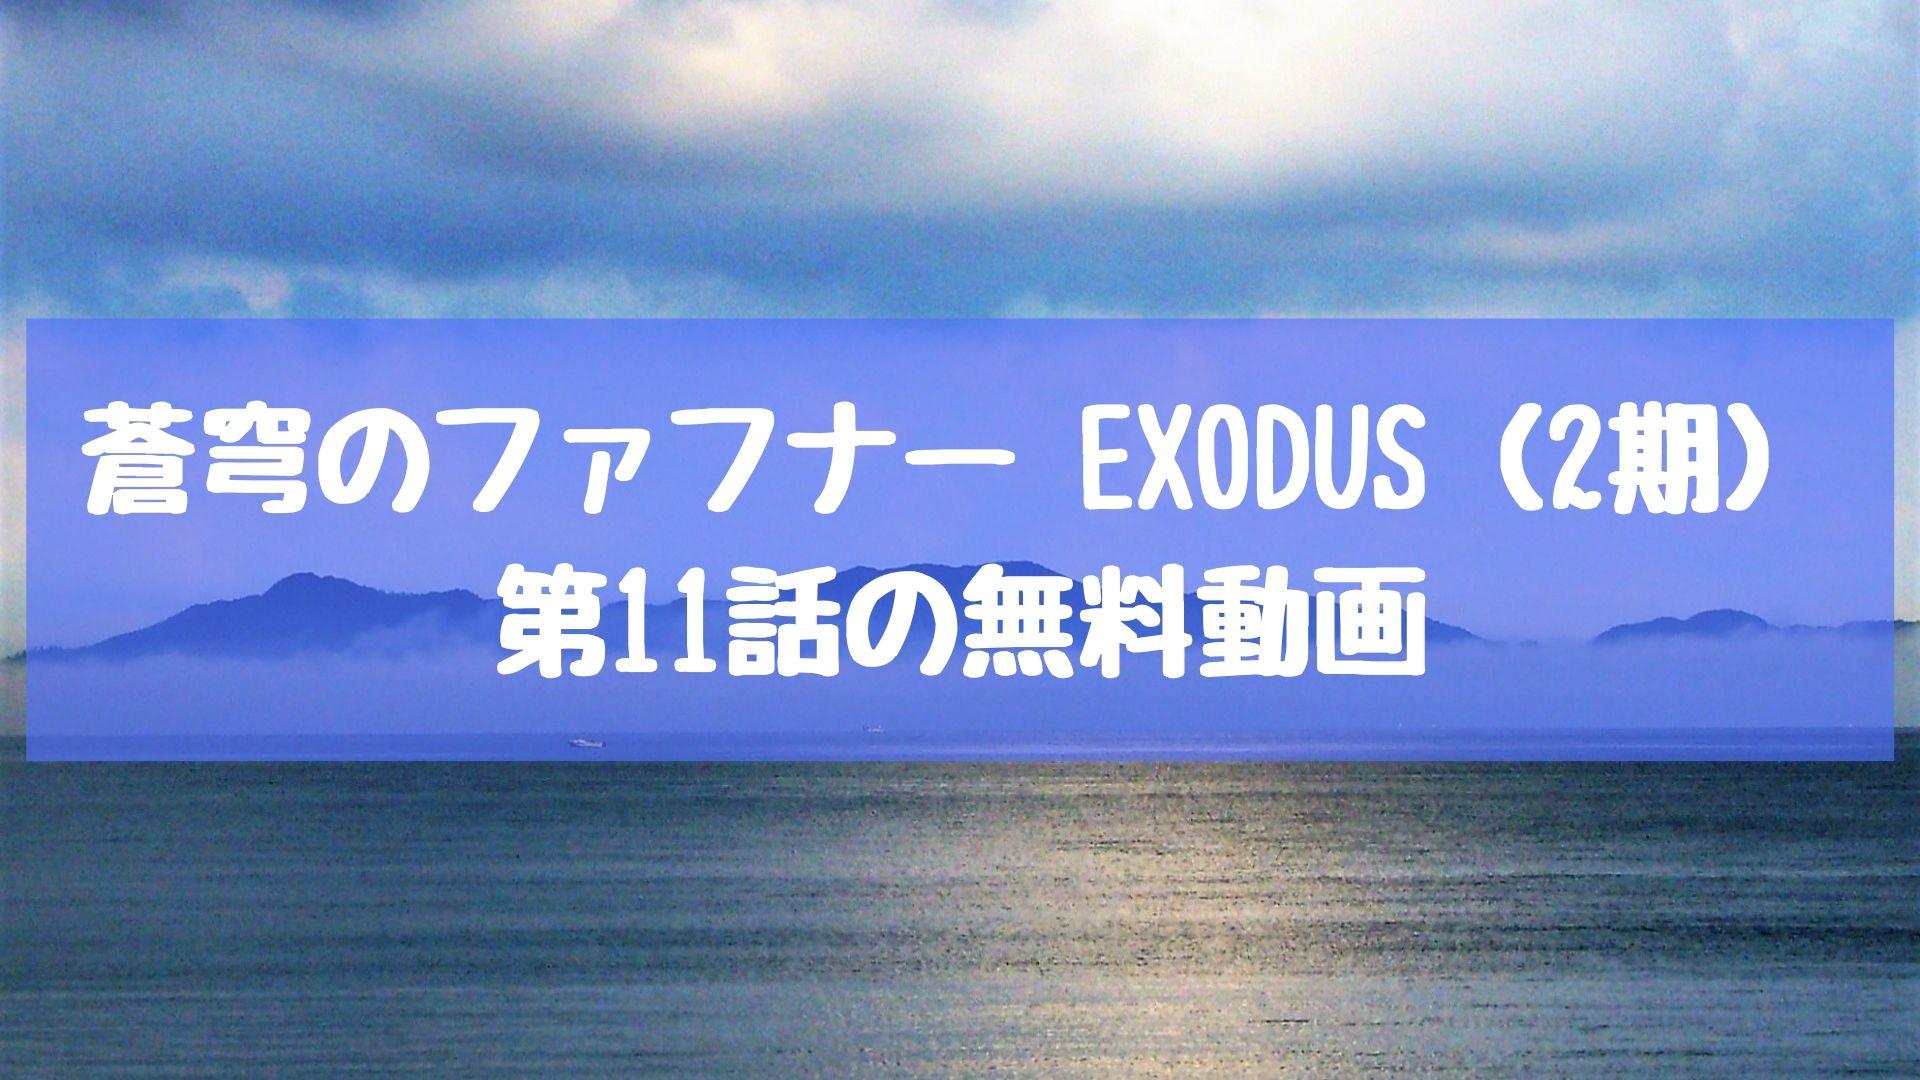 蒼穹のファフナー EXODUS(2期) 第11話の無料動画